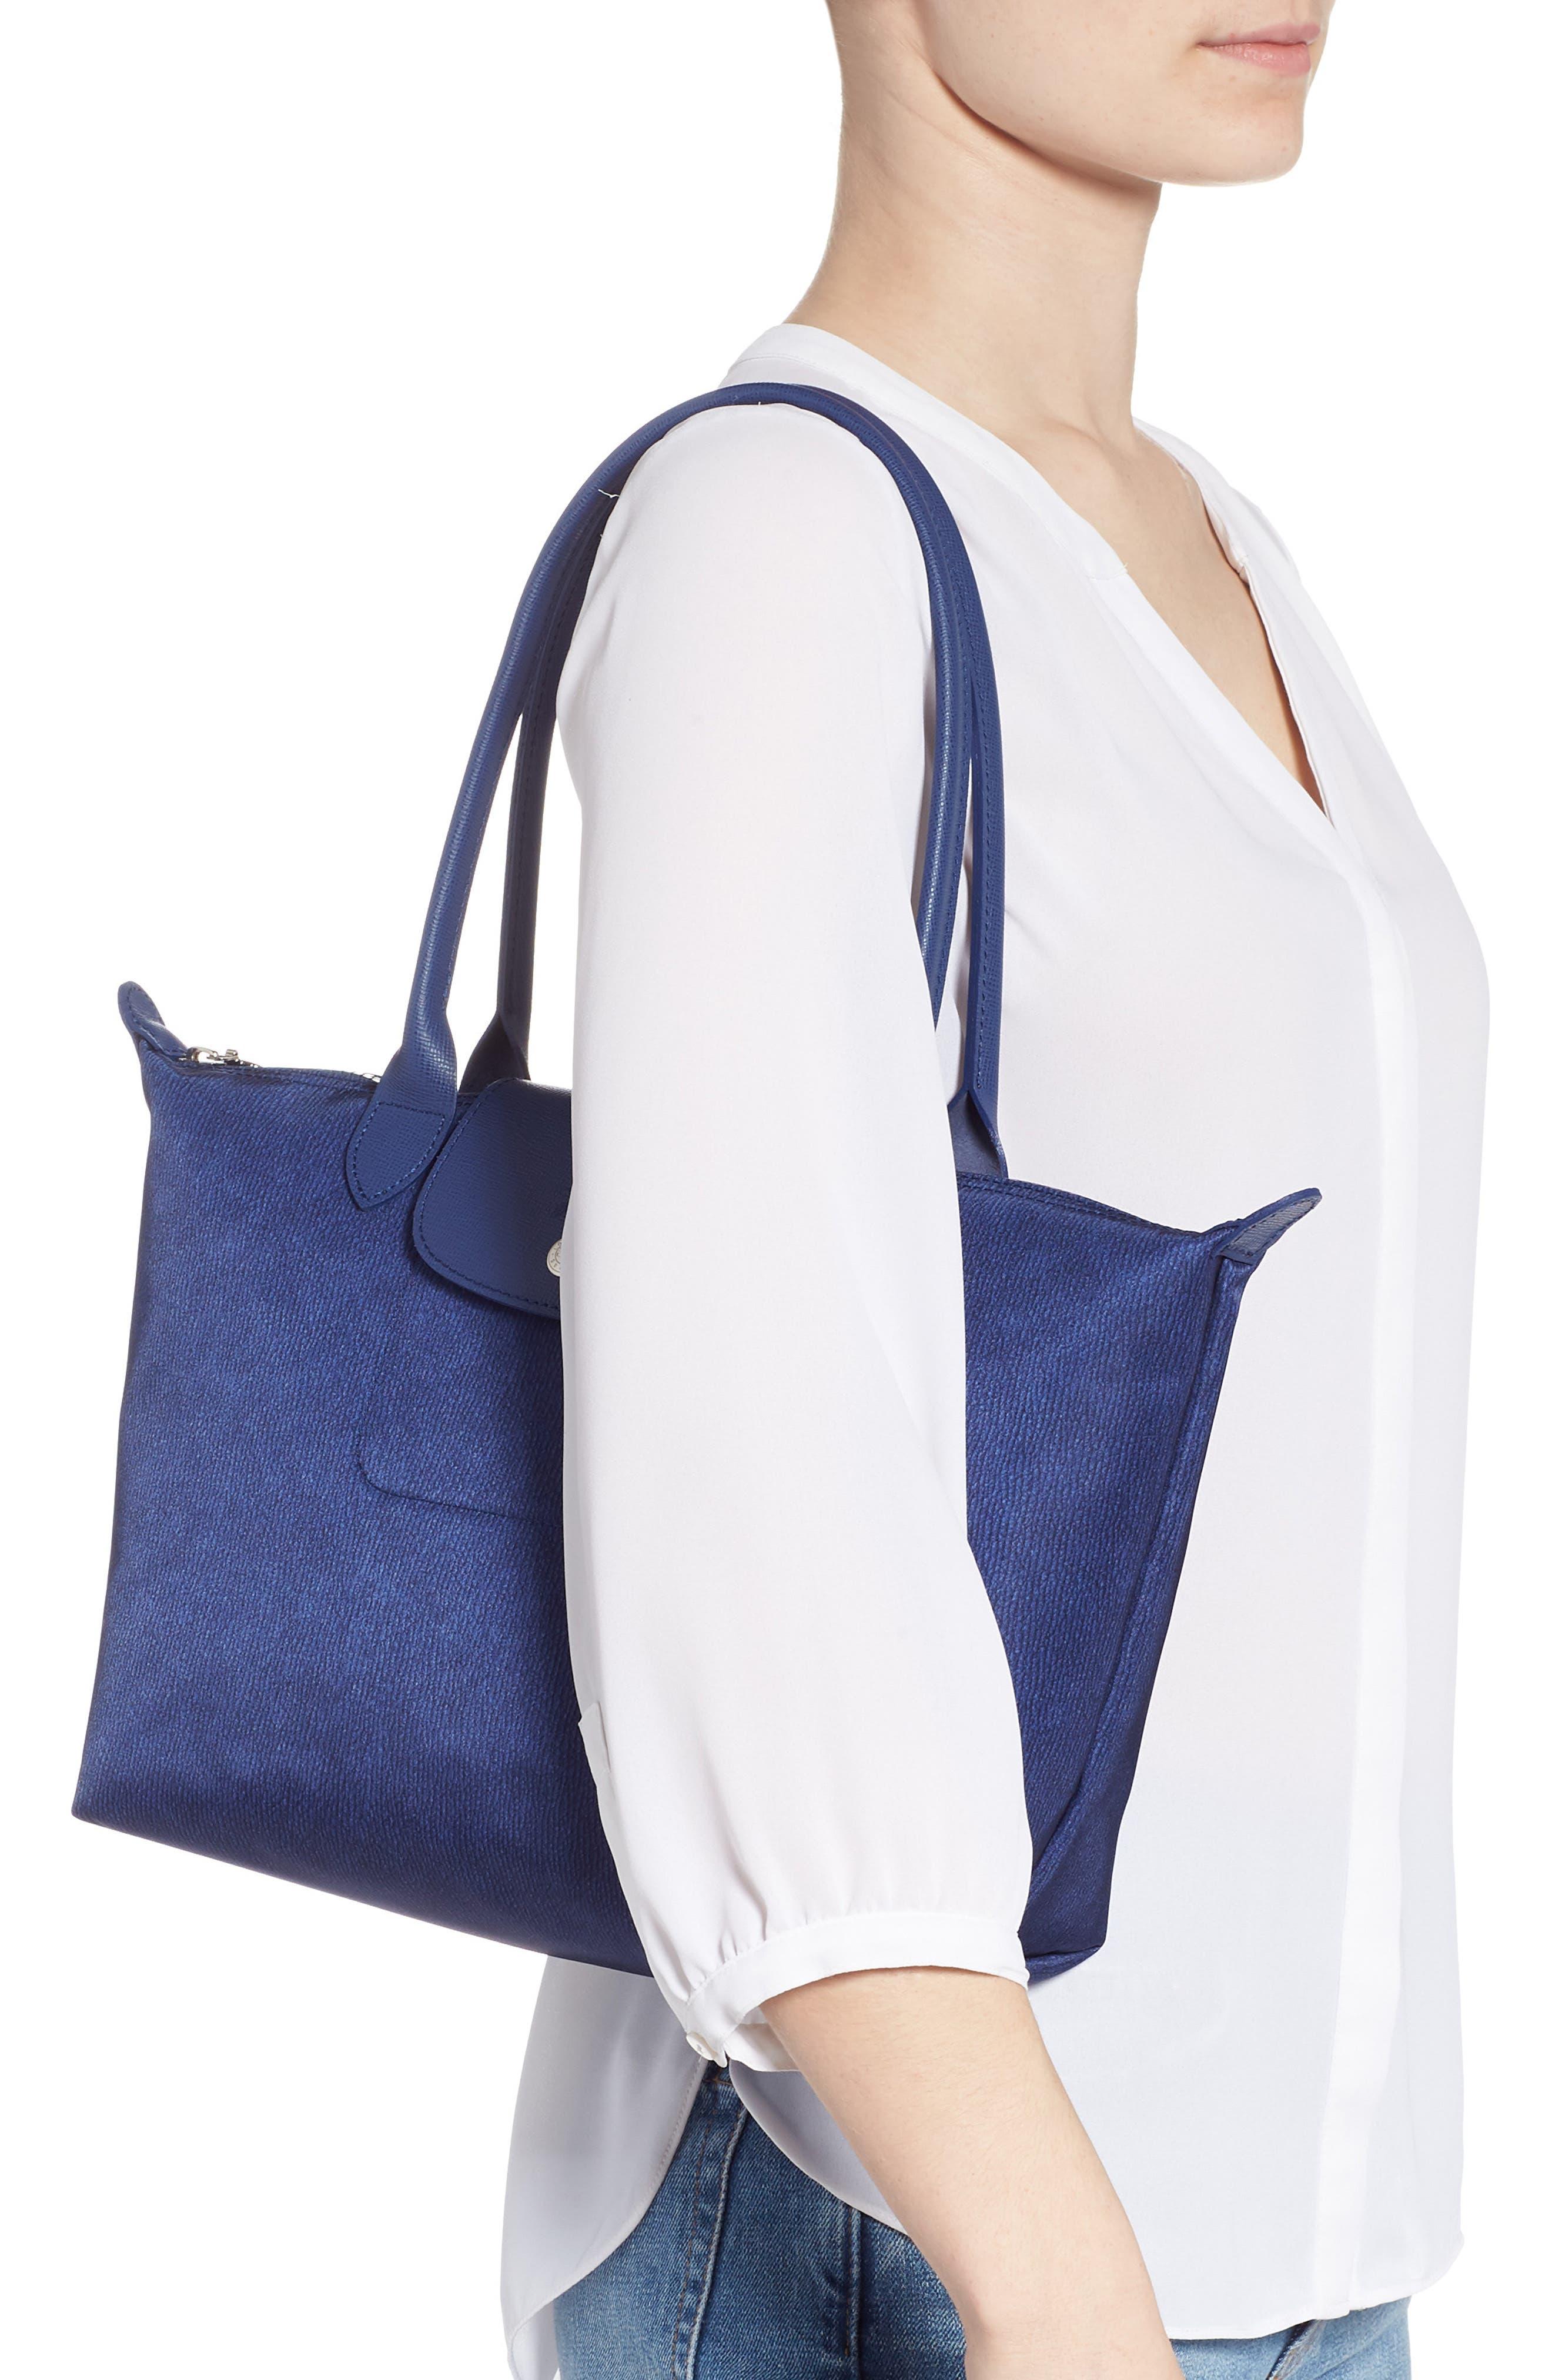 Le Pliage Jeans Small Shoulder Bag,                             Alternate thumbnail 2, color,                             DENIM